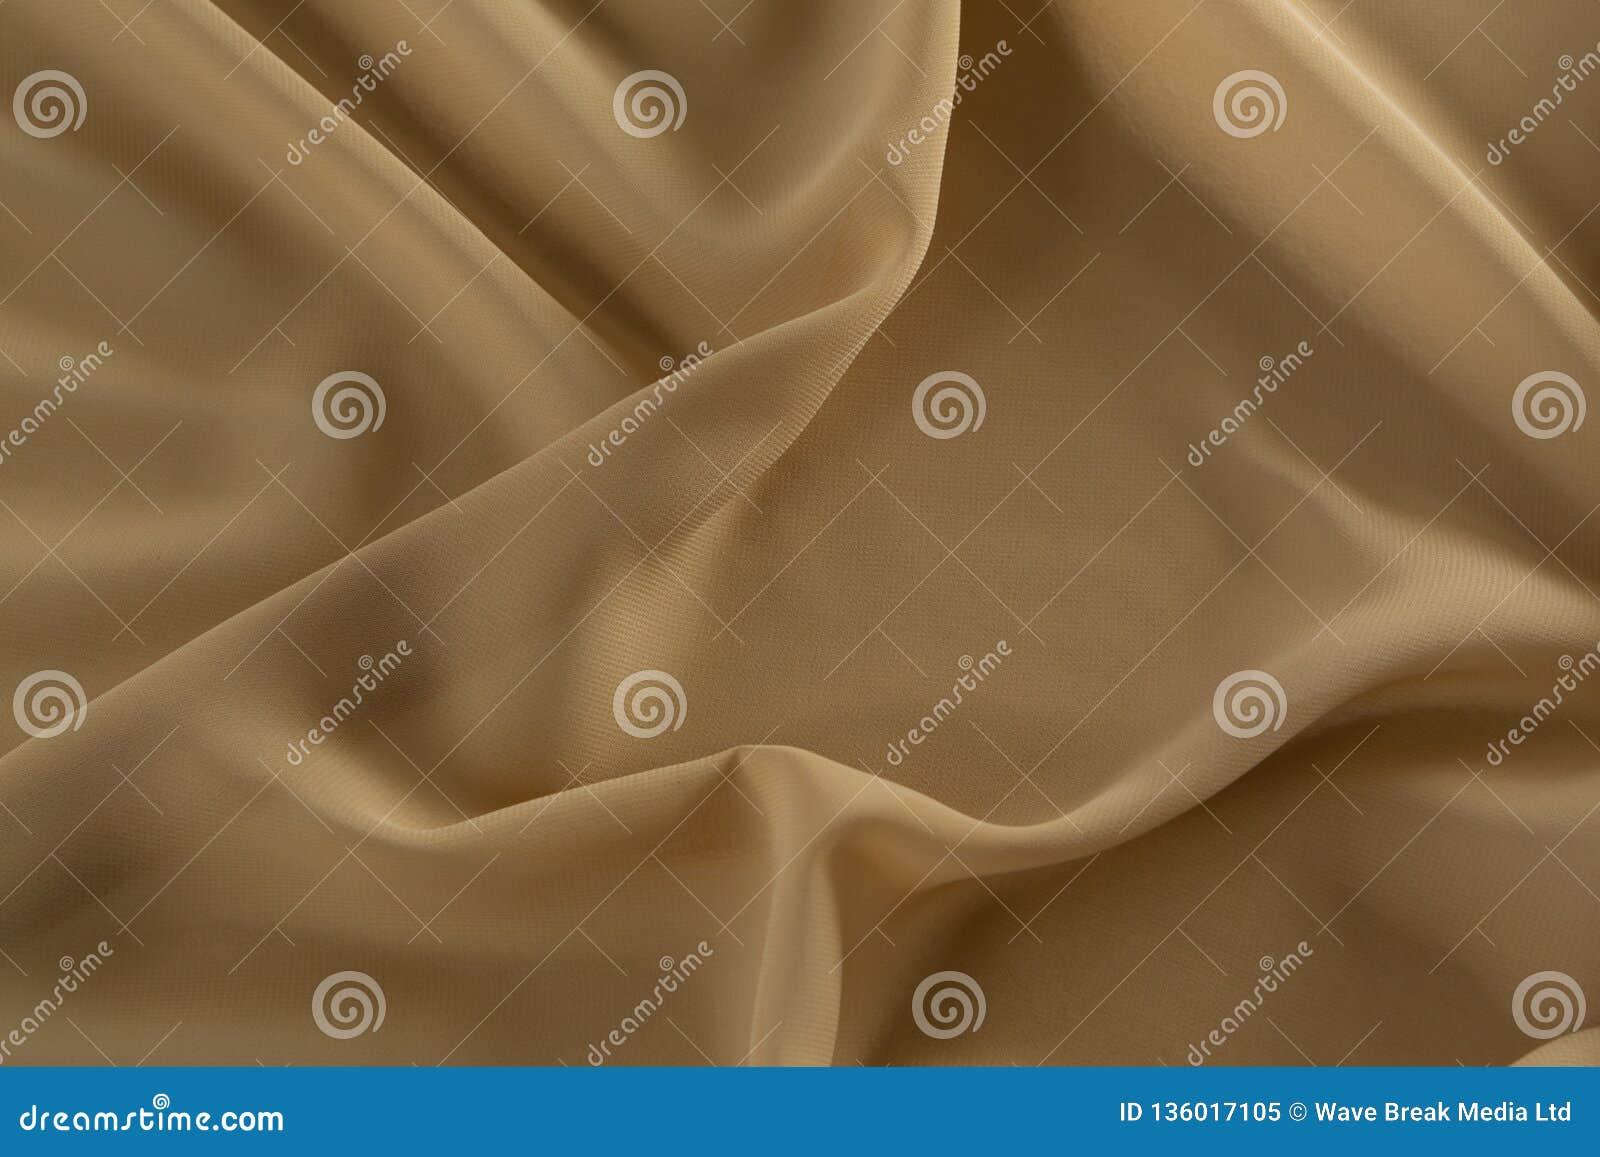 Full frame of textile